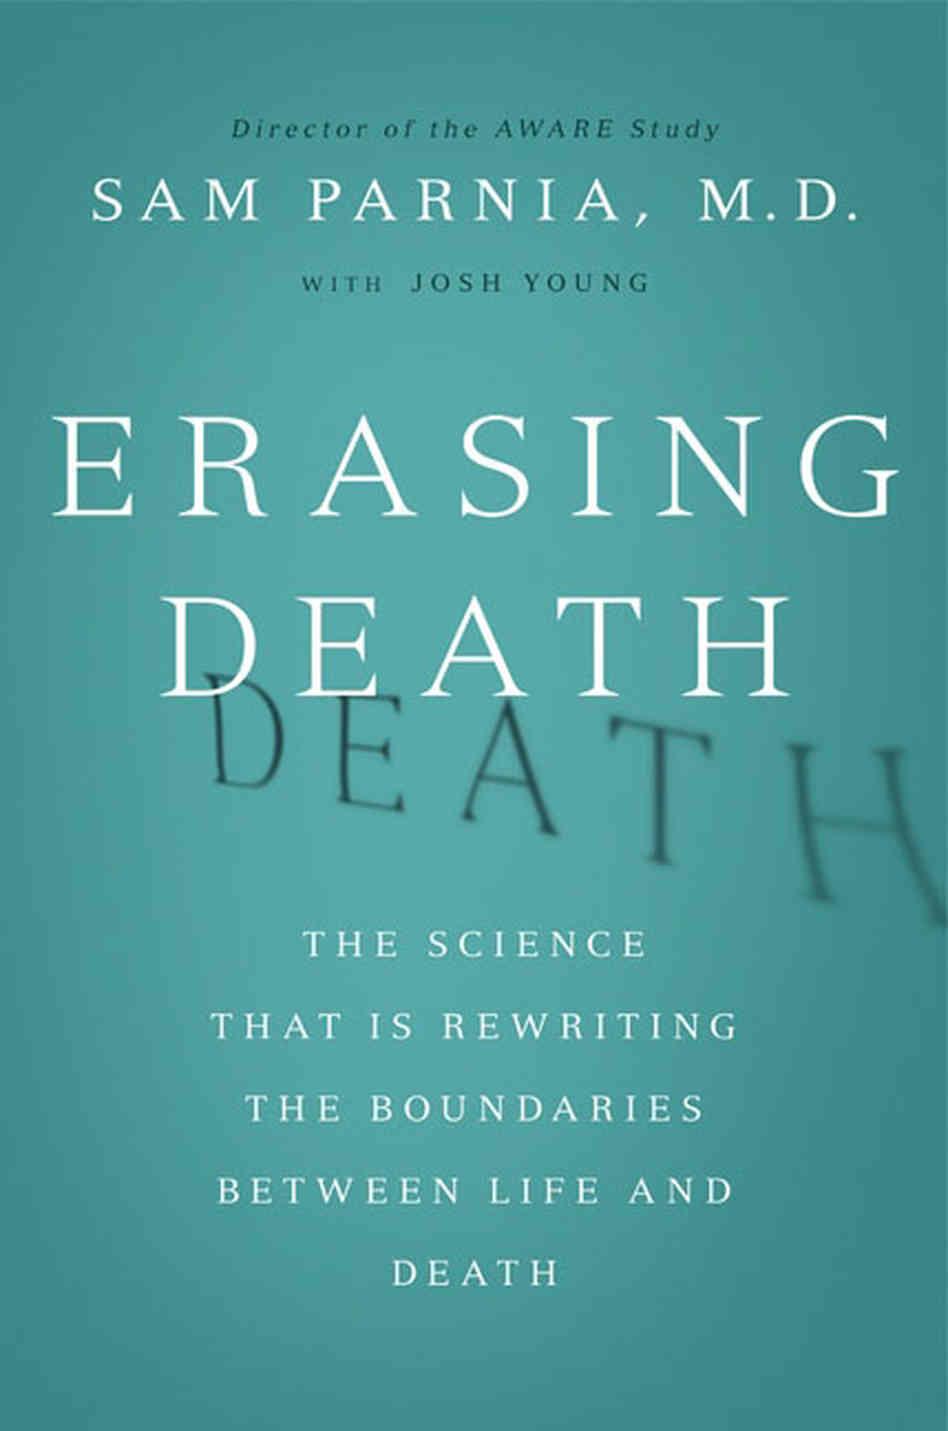 erasing-death_custom-8059bea0f41cae8557dc09caefa74efd4471331a-s6-c30